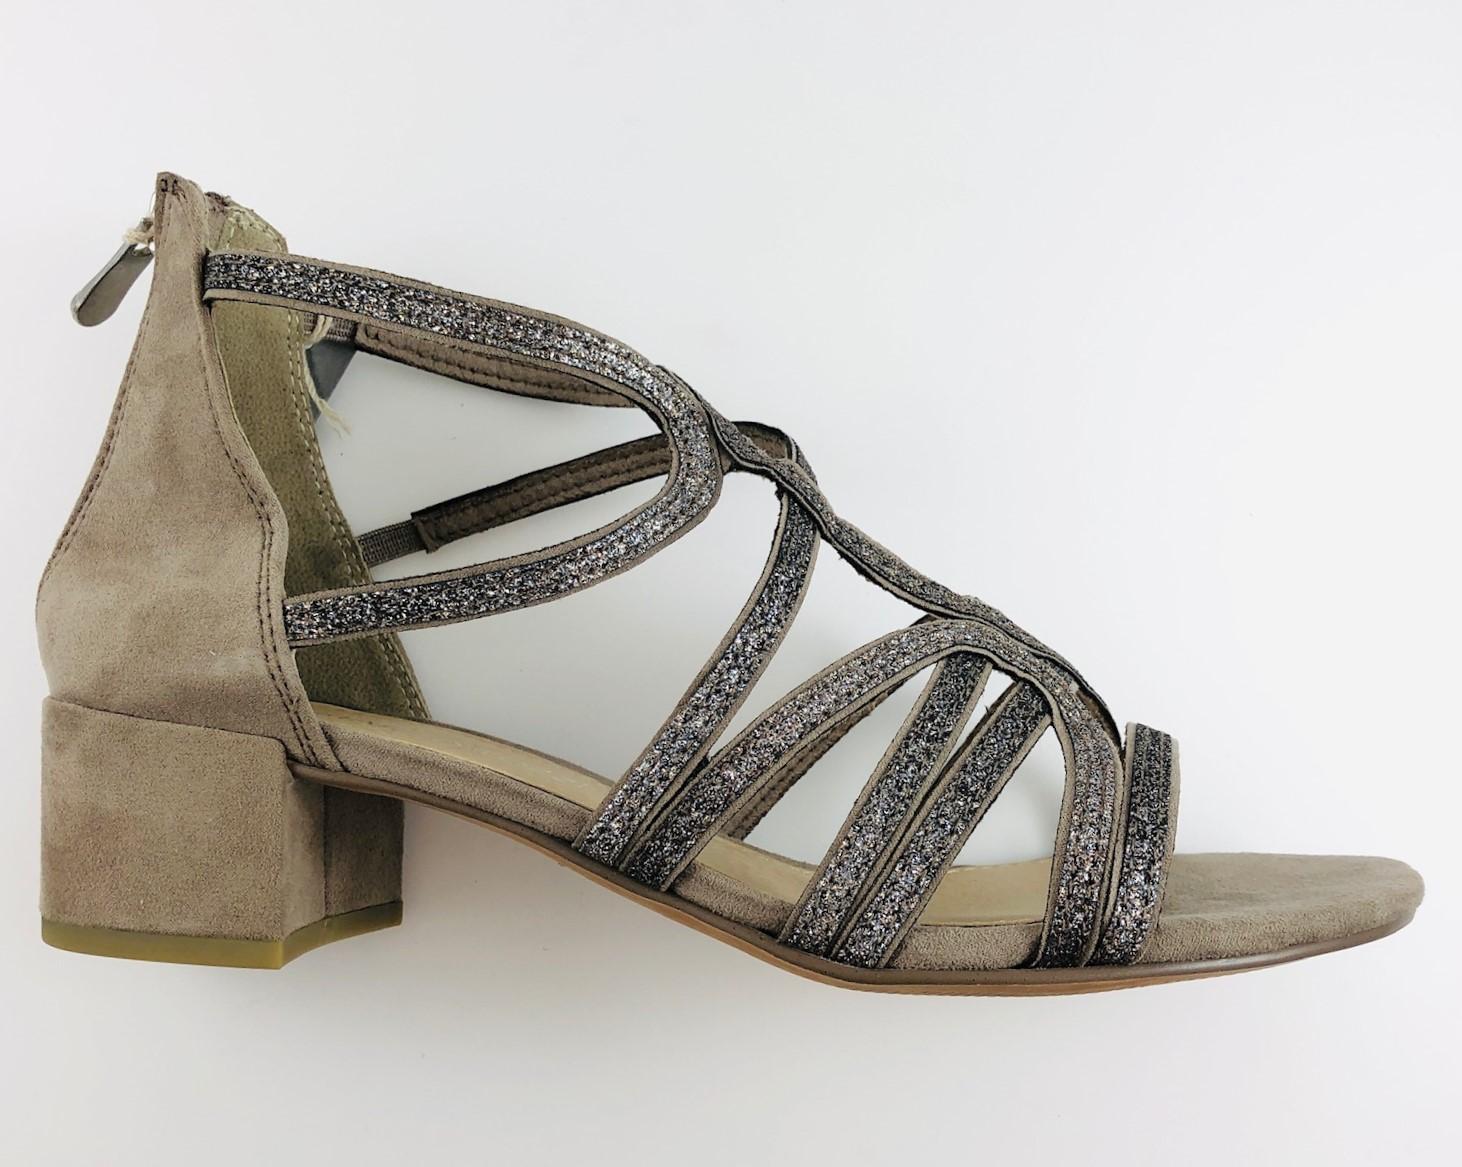 sandale-marco-tozzi-pour-femme-28205-344_1